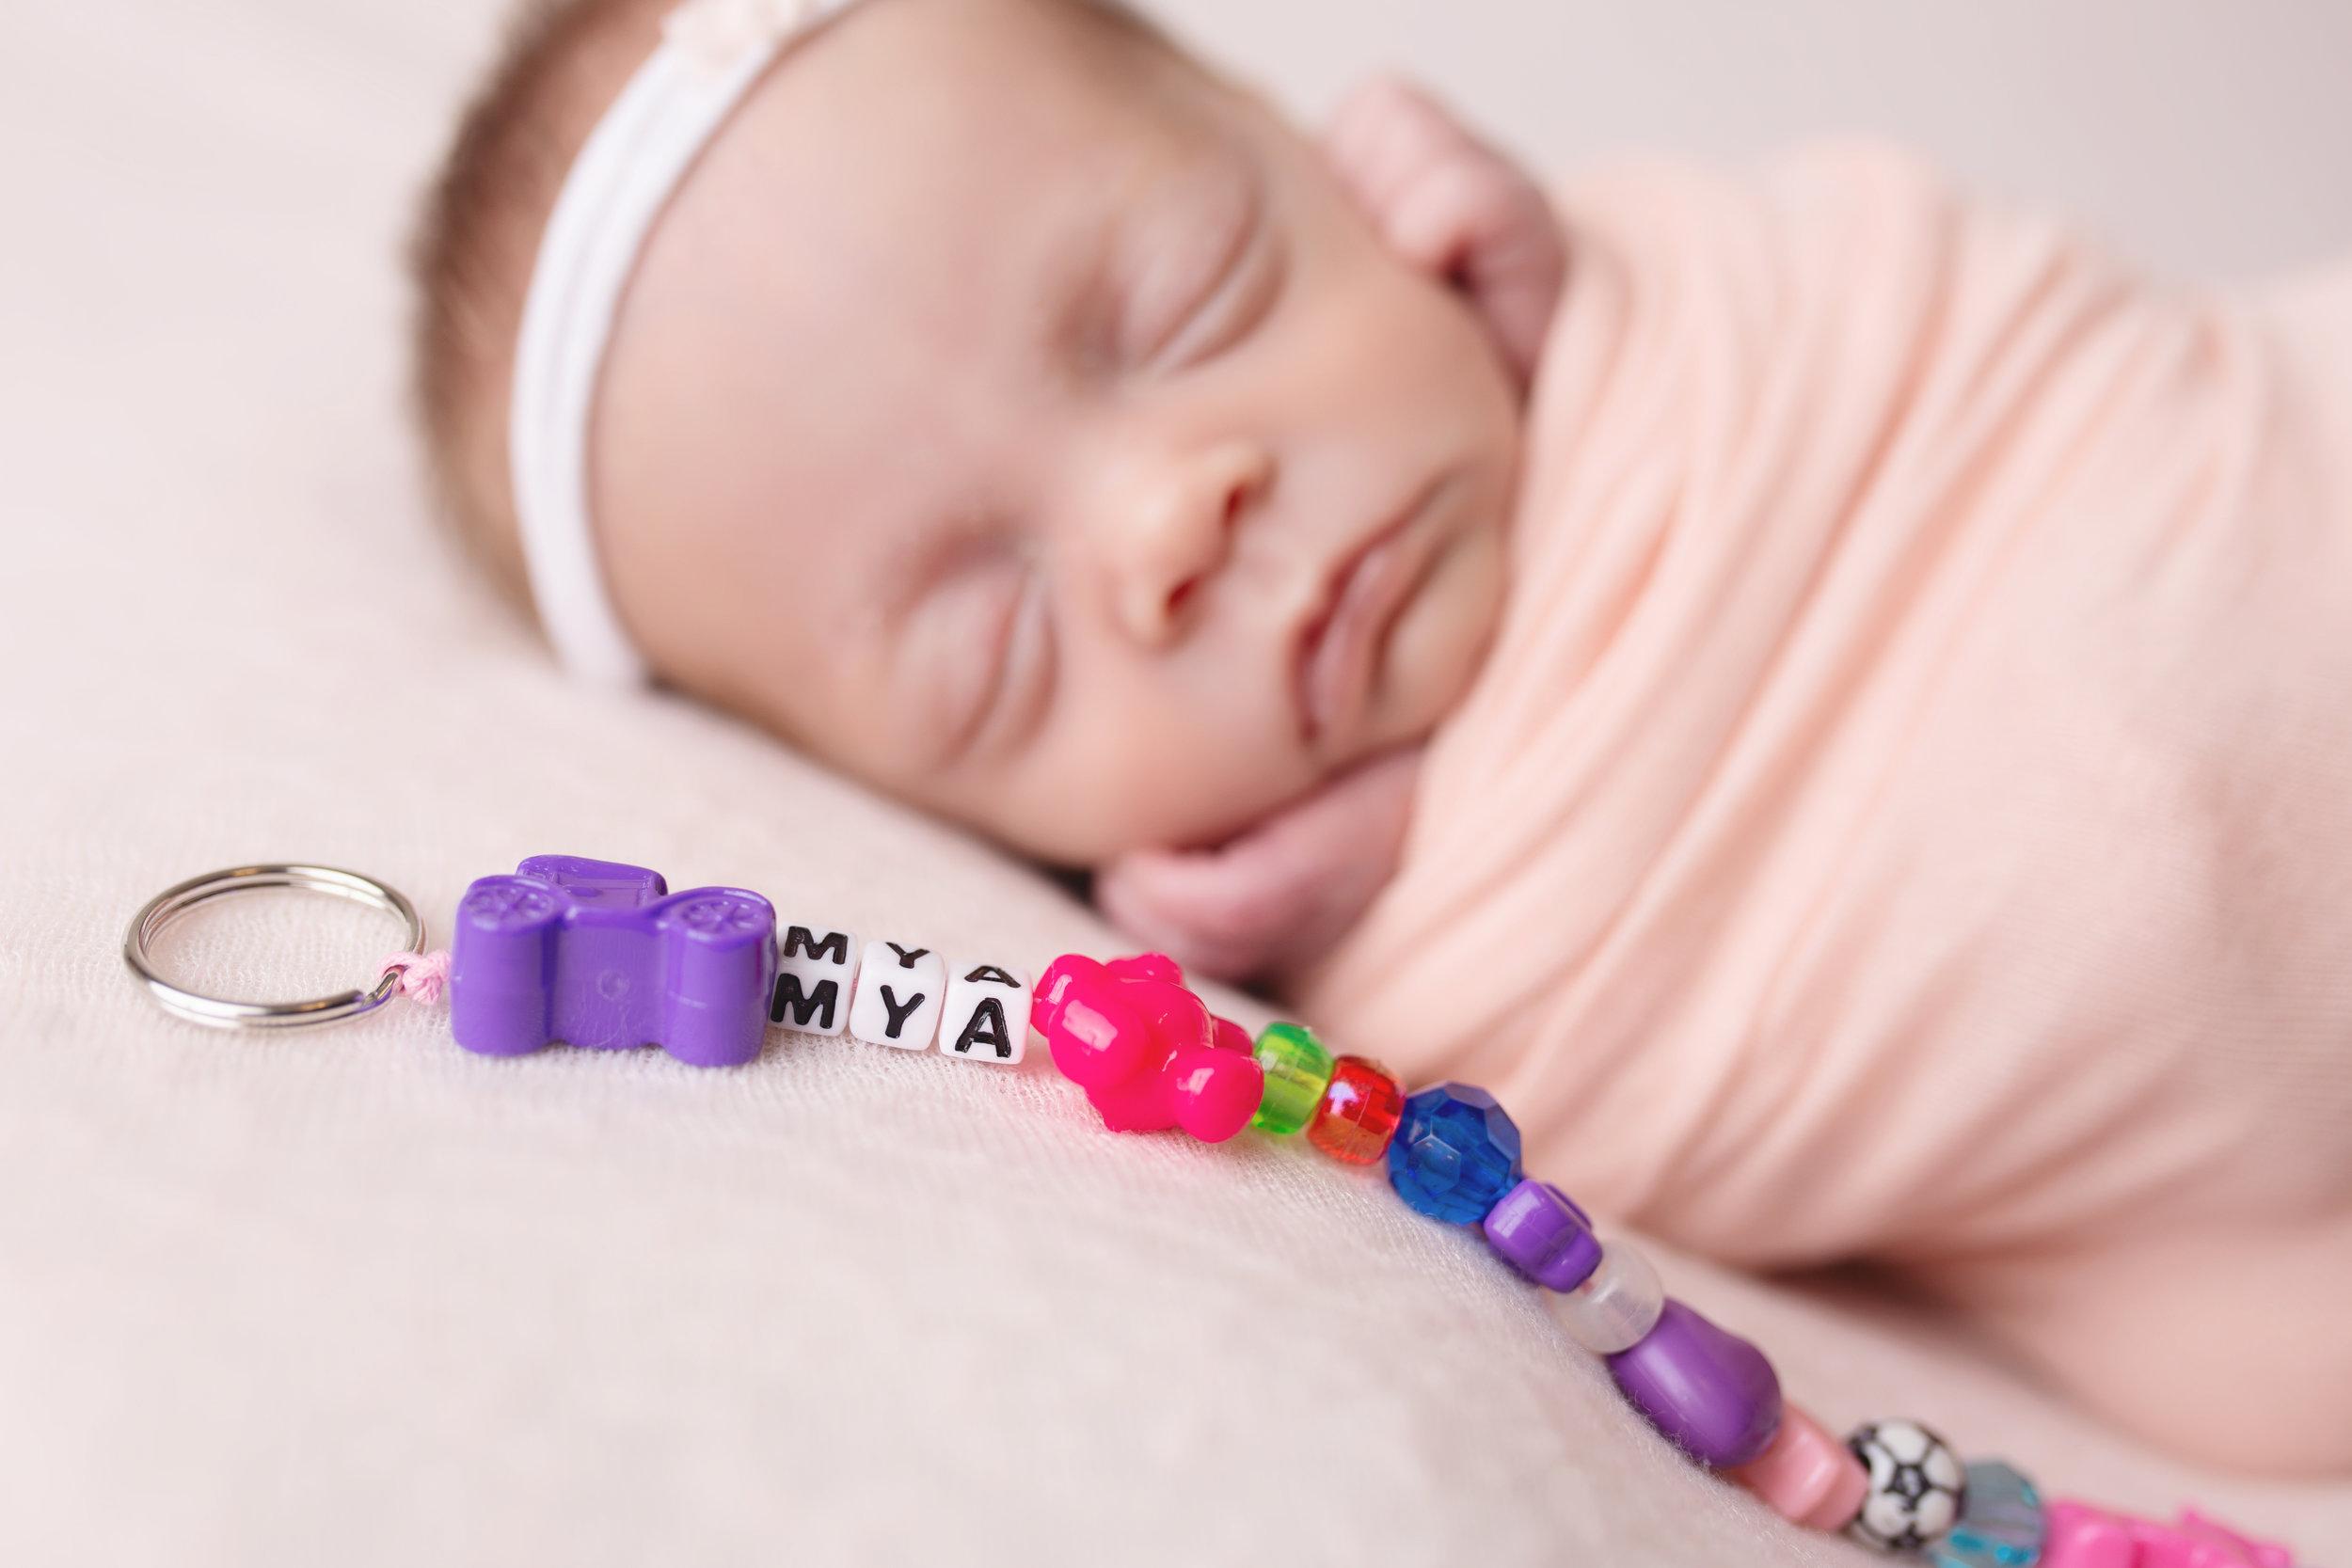 anchorage-newborn-photographer-11.jpg